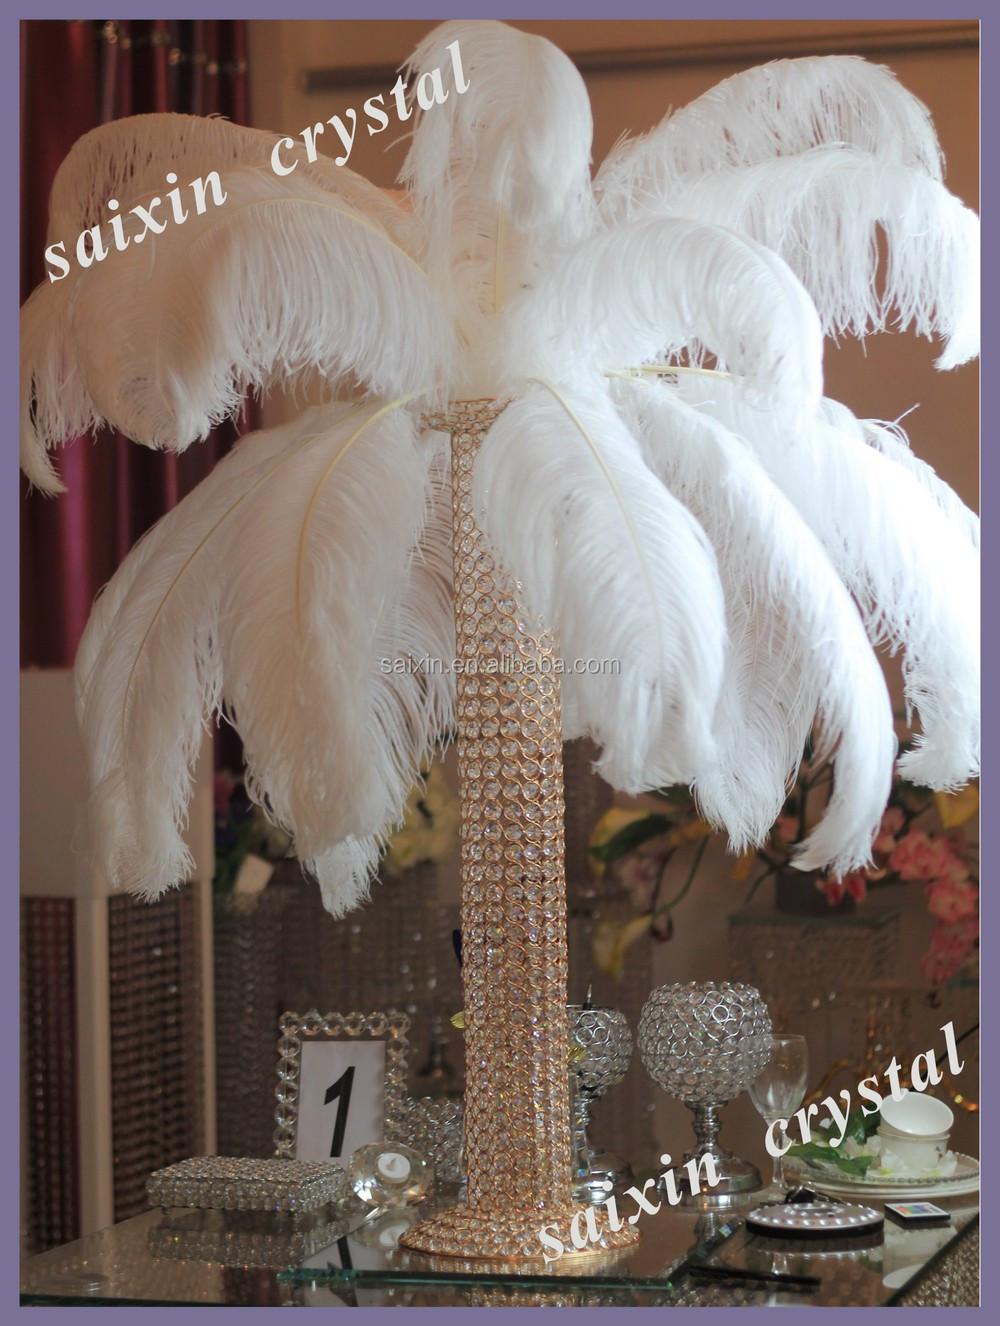 Feather Candelabra Centerpiece : Crystal candelabra wedding centerpiece and flower stand